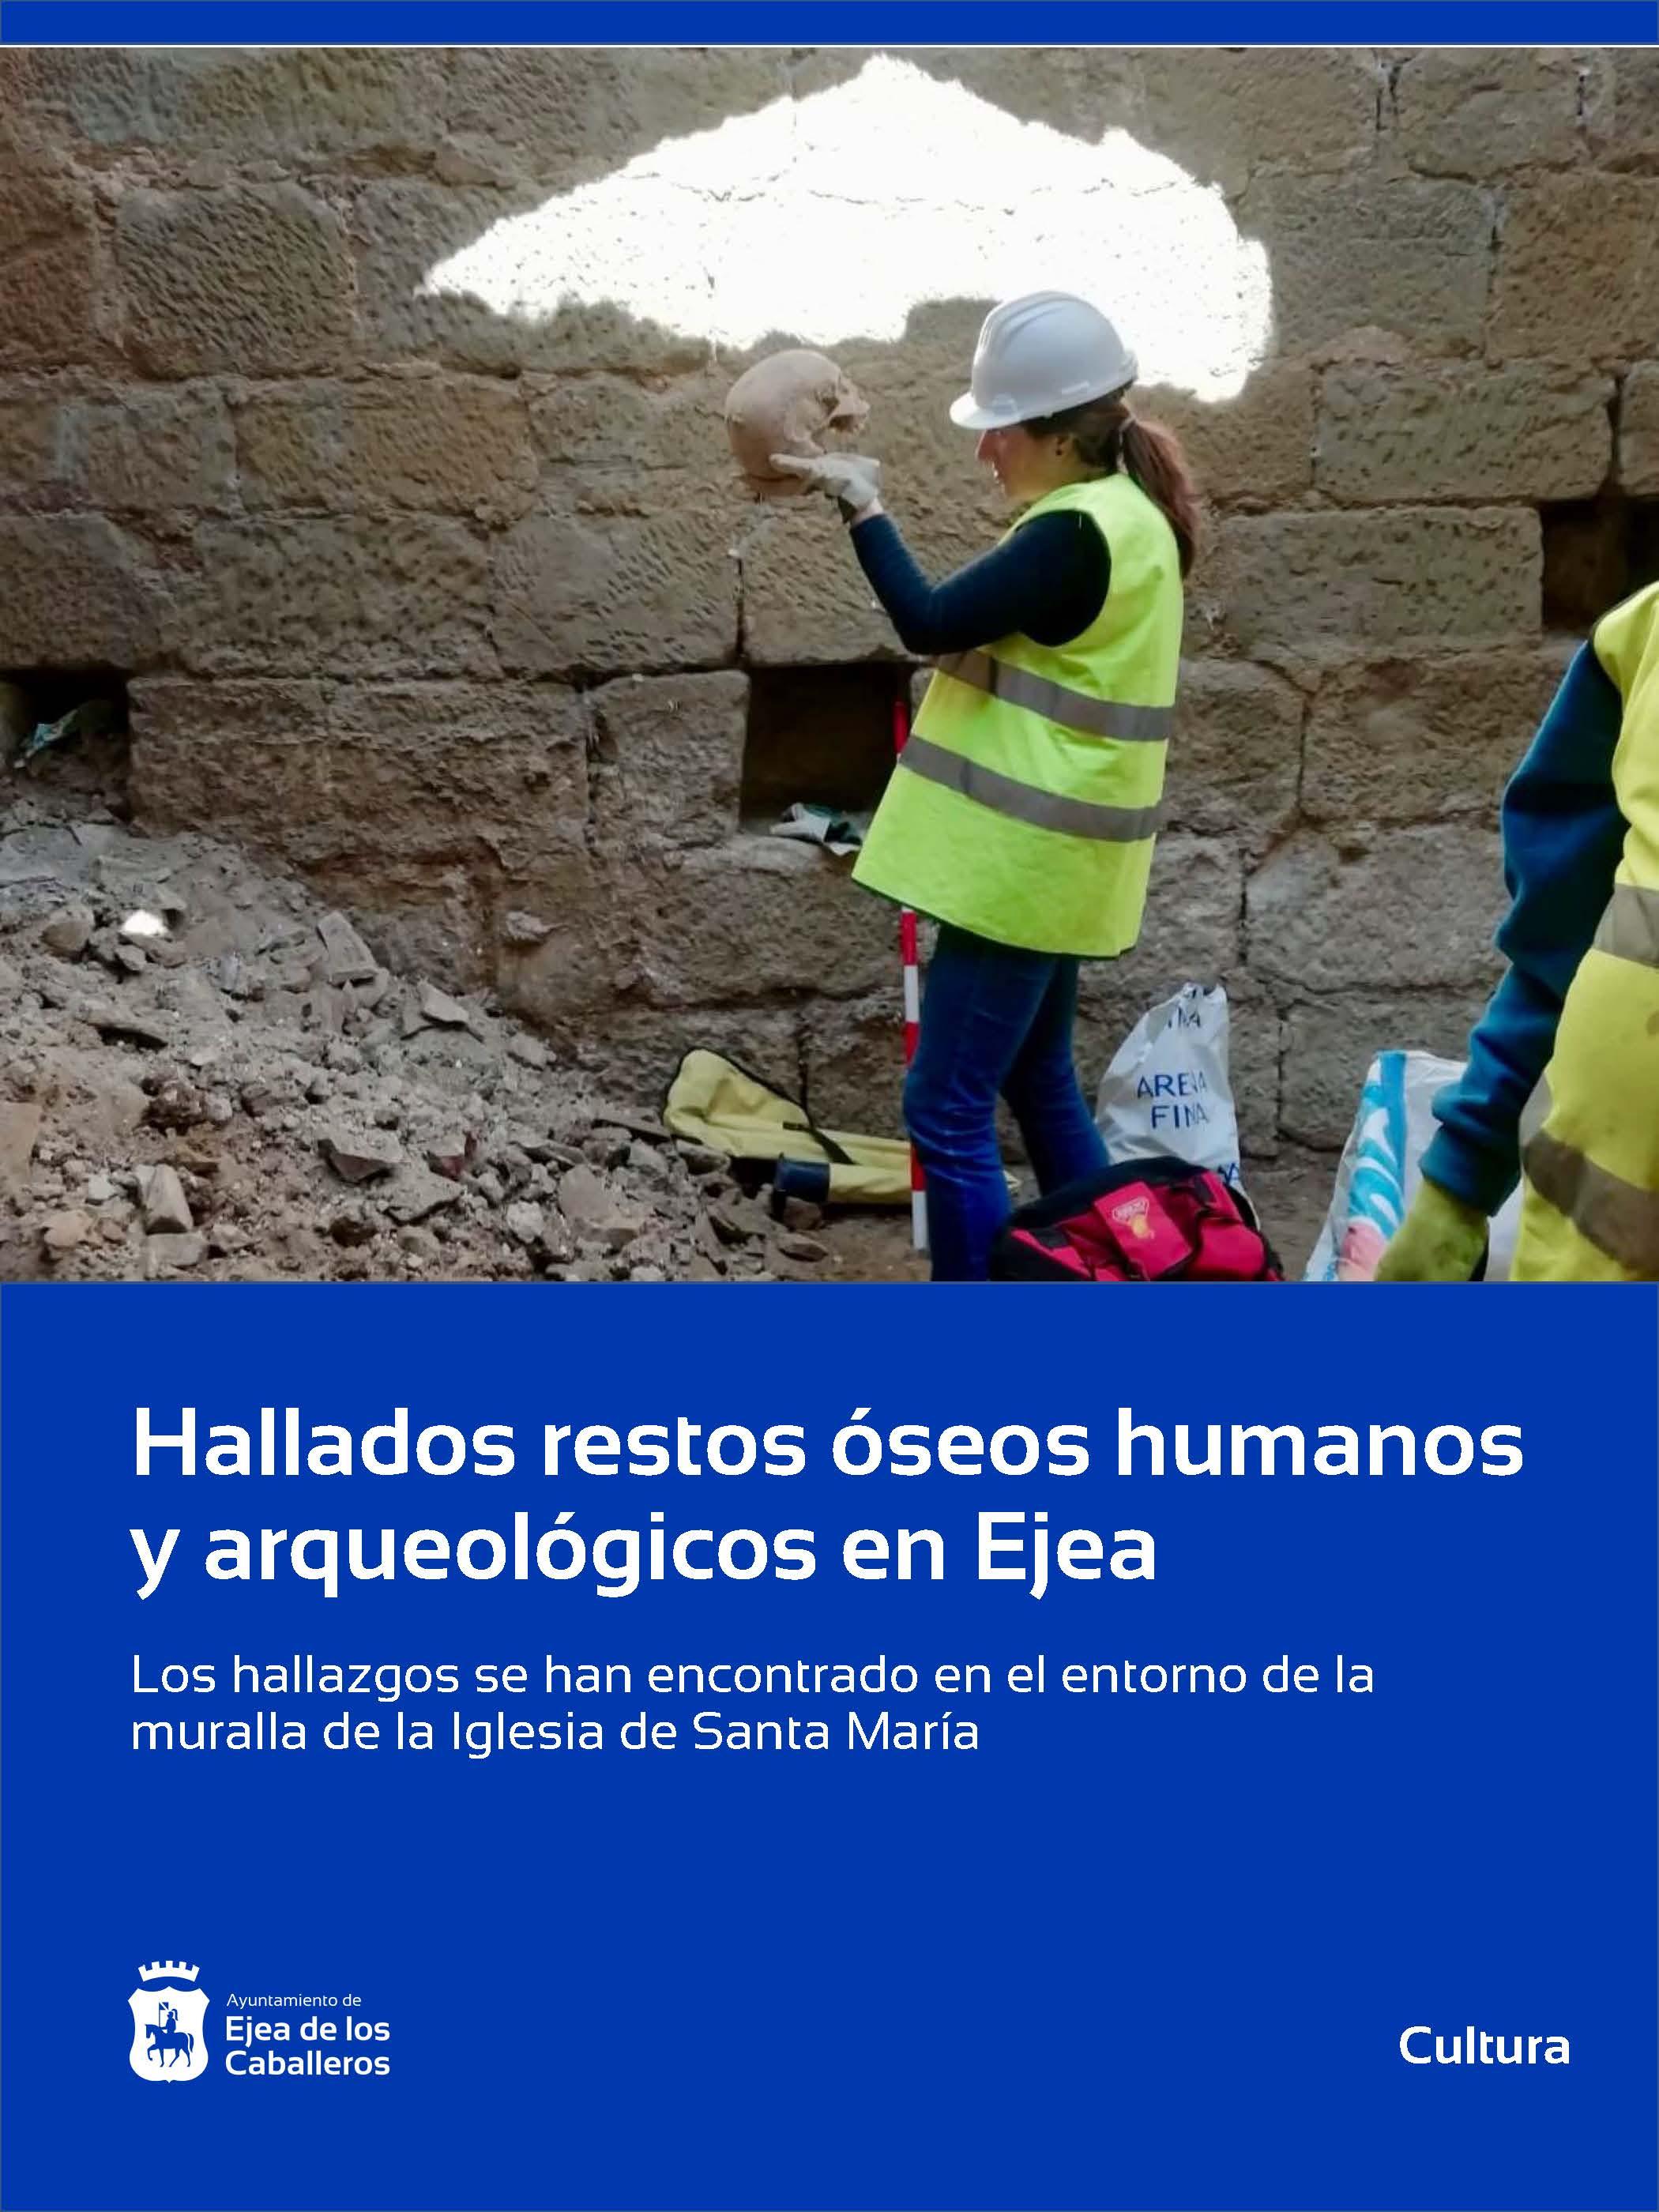 Hallados restos óseos humanos y arqueológicos en el entorno de la muralla de Santa María de Ejea